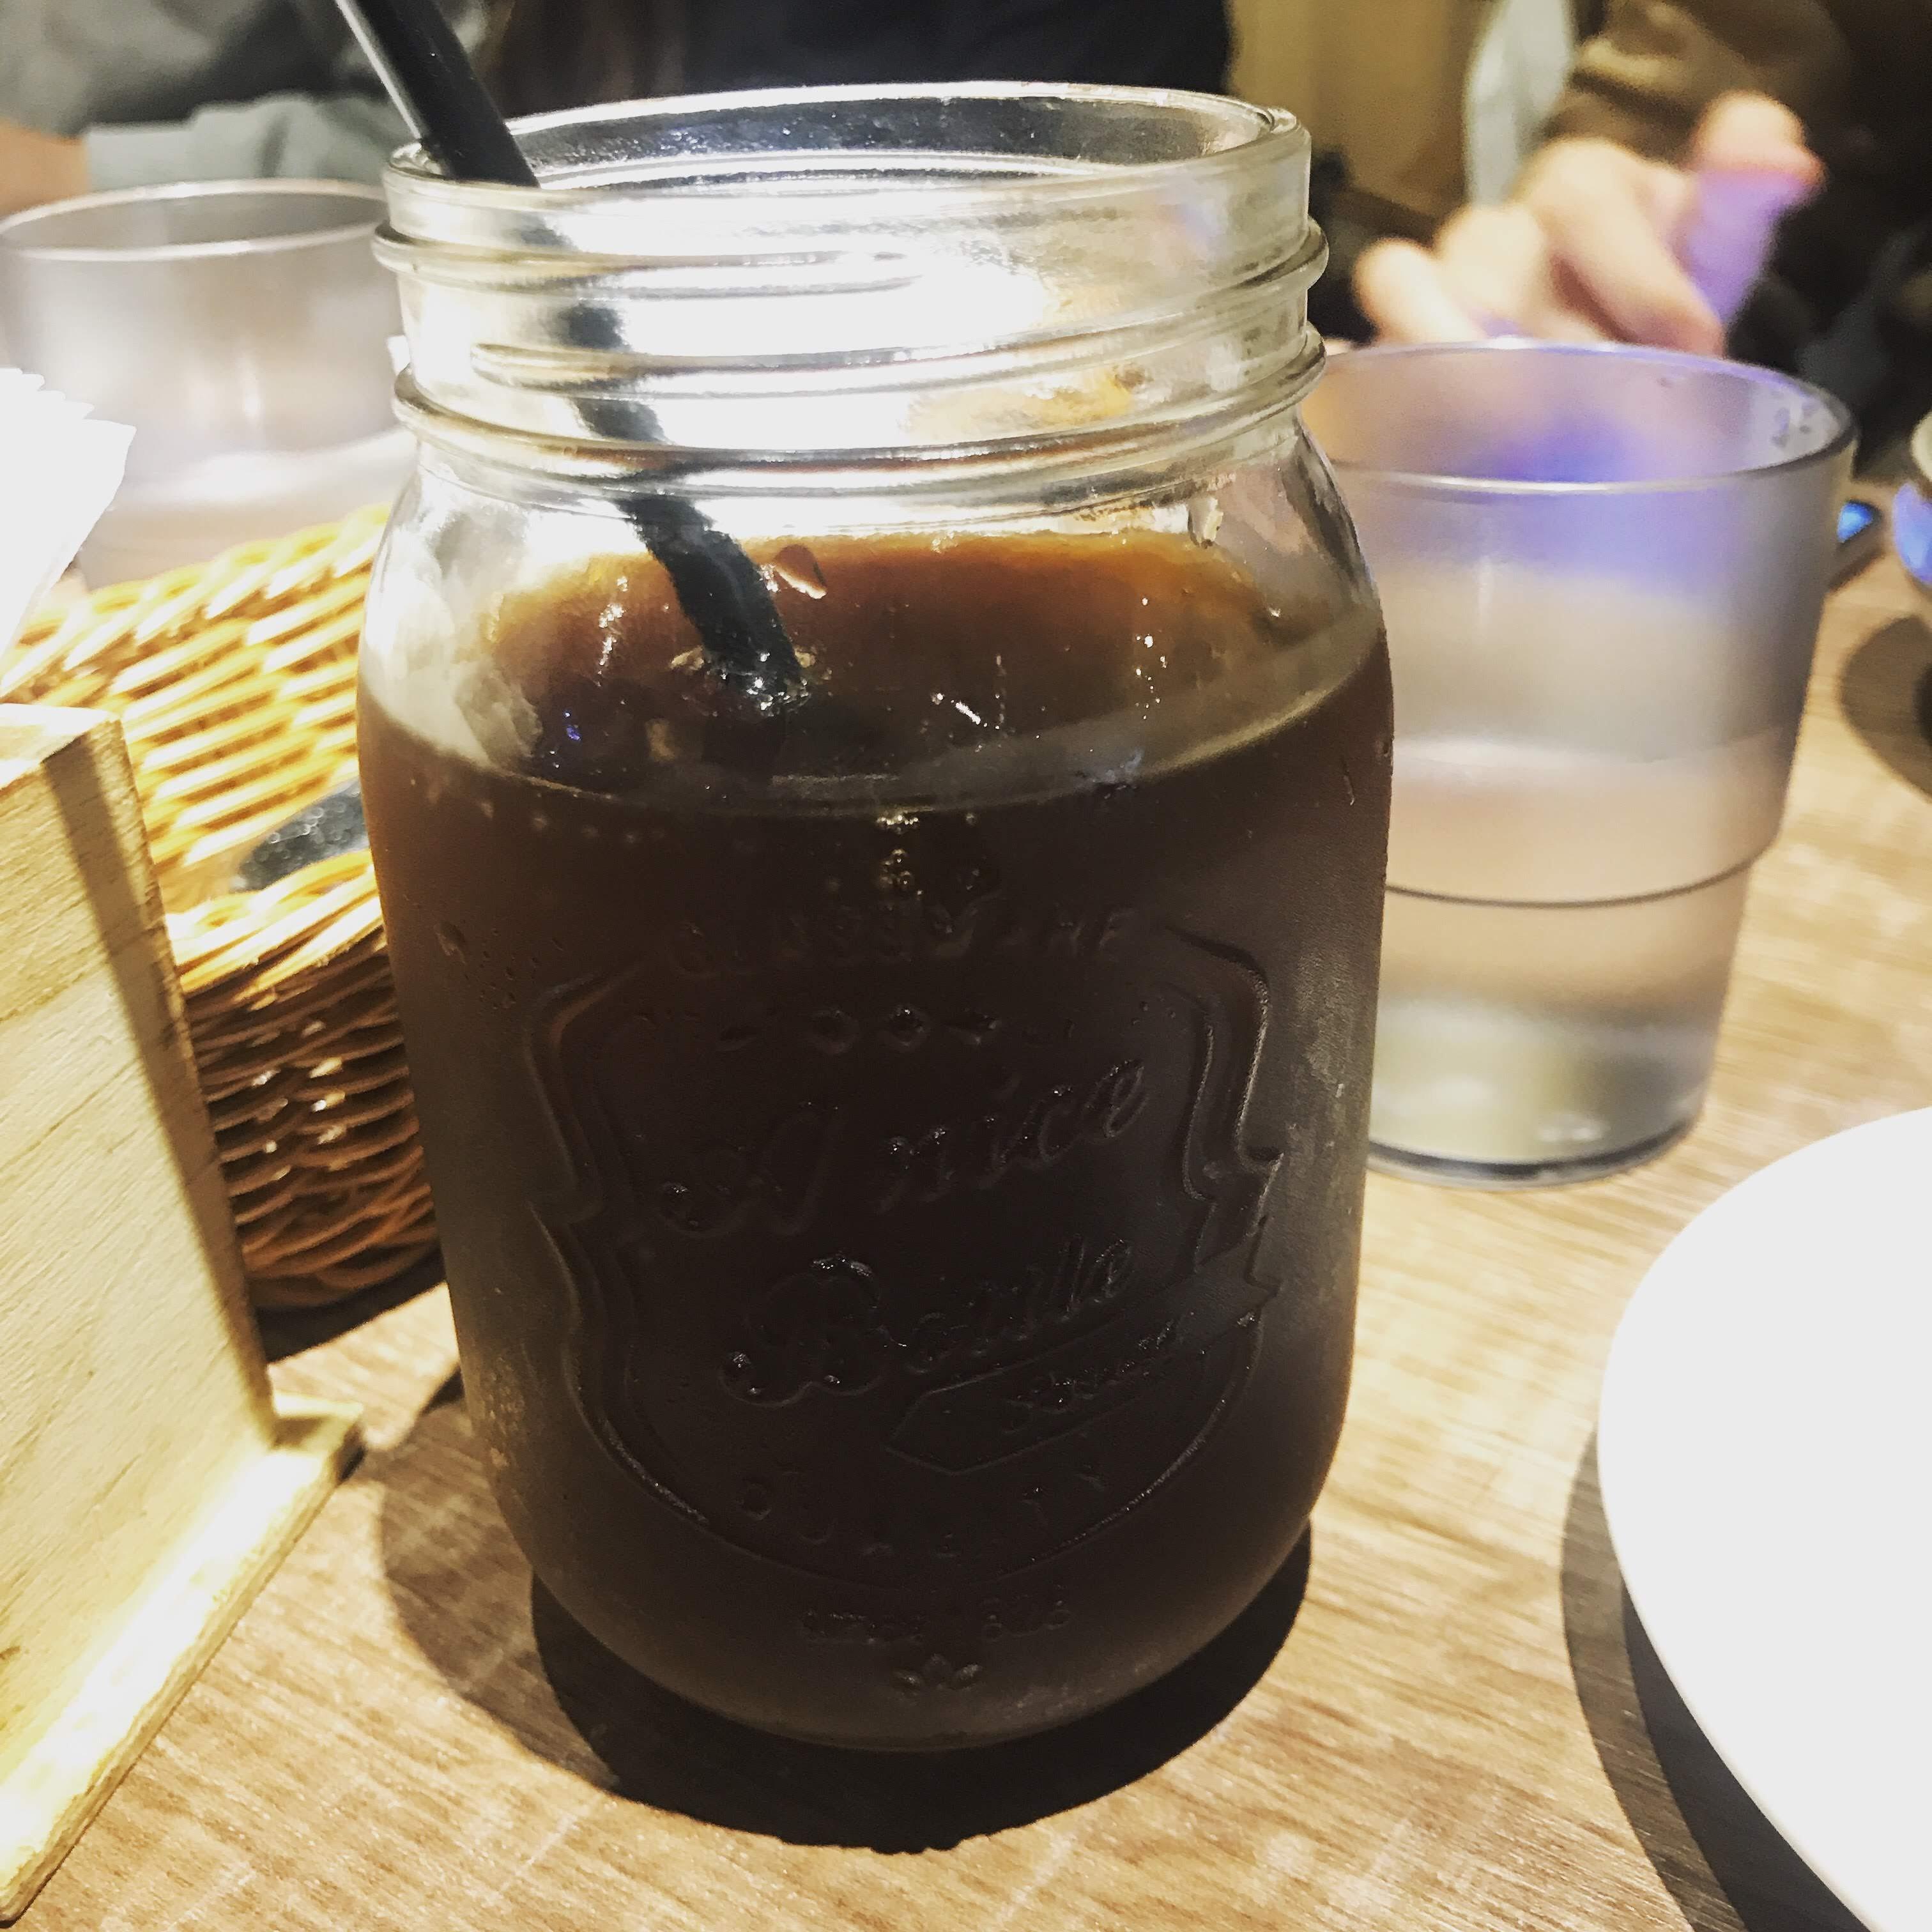 古早味紅茶 - Cin Cin請請義大利餐廳